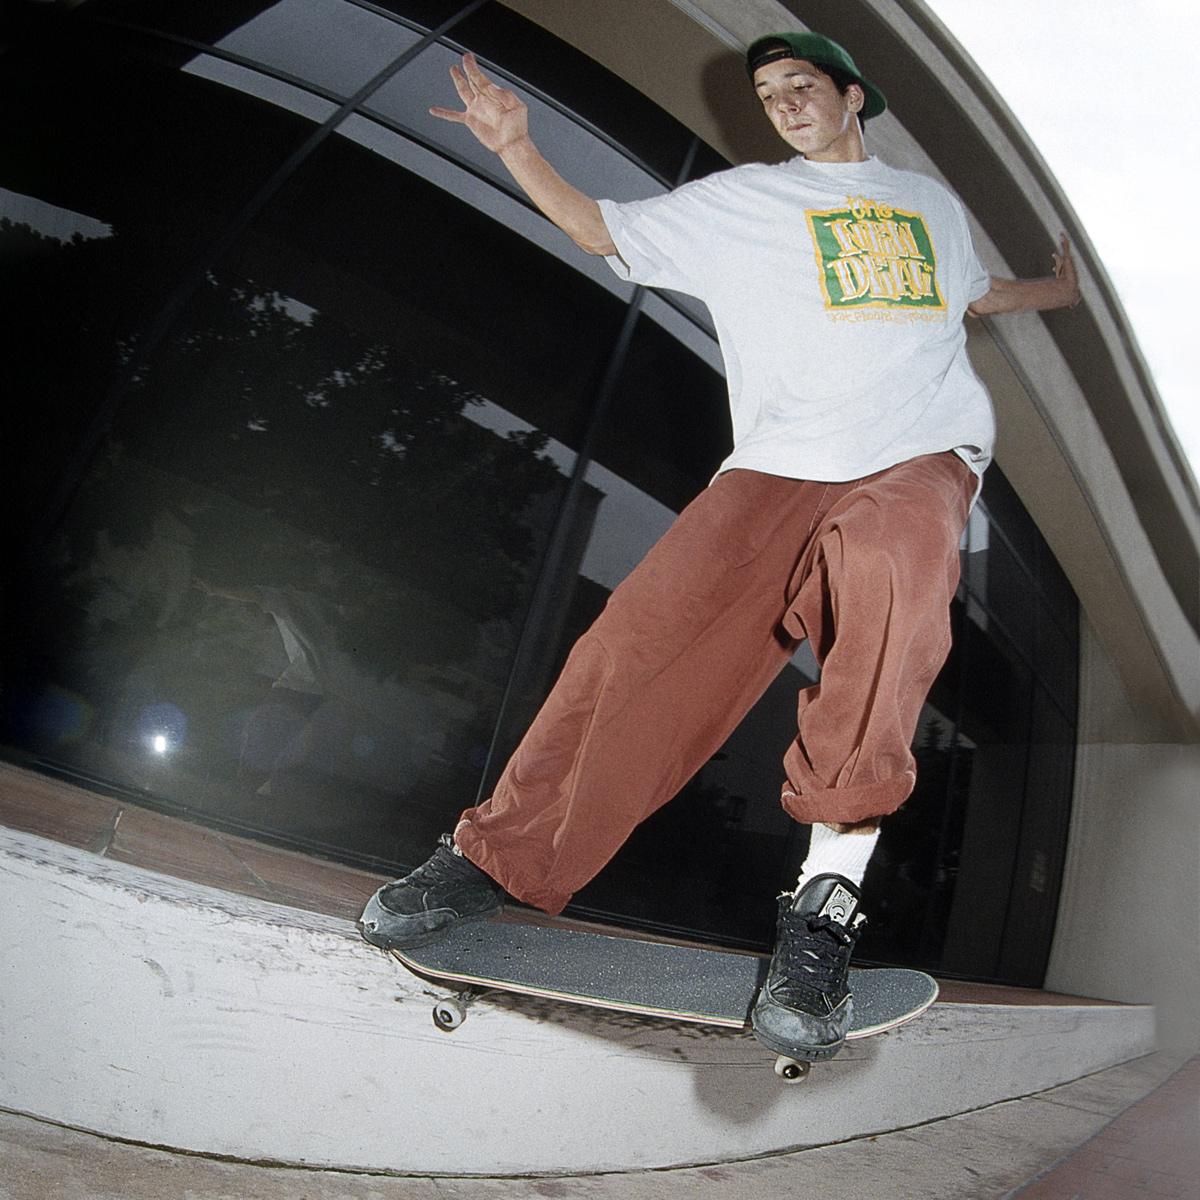 Rene_Matthyssen__New_Deal_Skateboards_92_Ortiz_sq.jpg